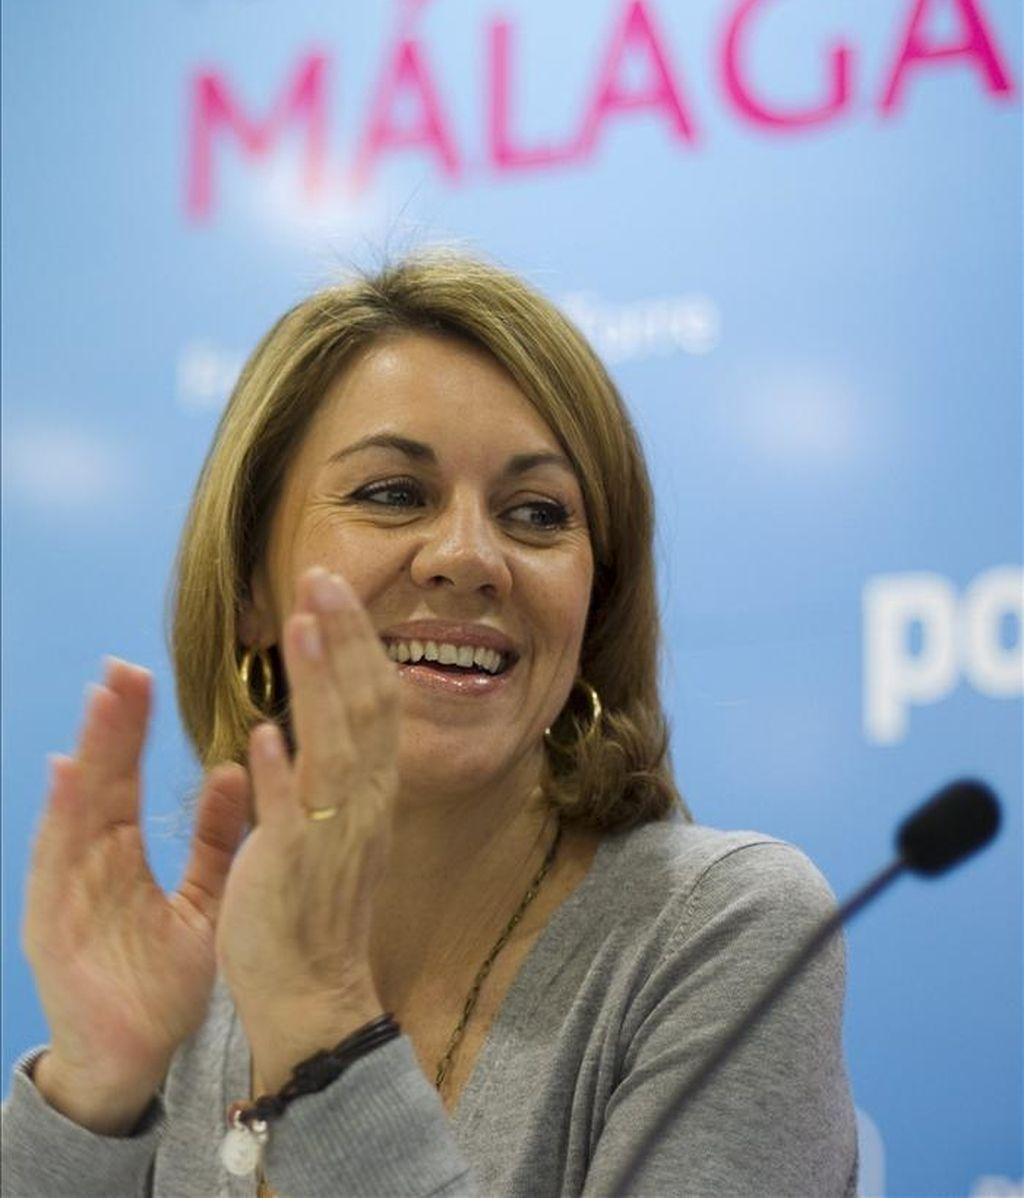 """La secretaria general del PP, María Dolores de Cospedal, ha afirmado hoy que su partido ofrece """"un auténtico proyecto de recuperación nacional"""" a partir del 22 de mayo, durante una reunión celebrada con los miembros de la candidatura del PP de Málaga. EFE"""